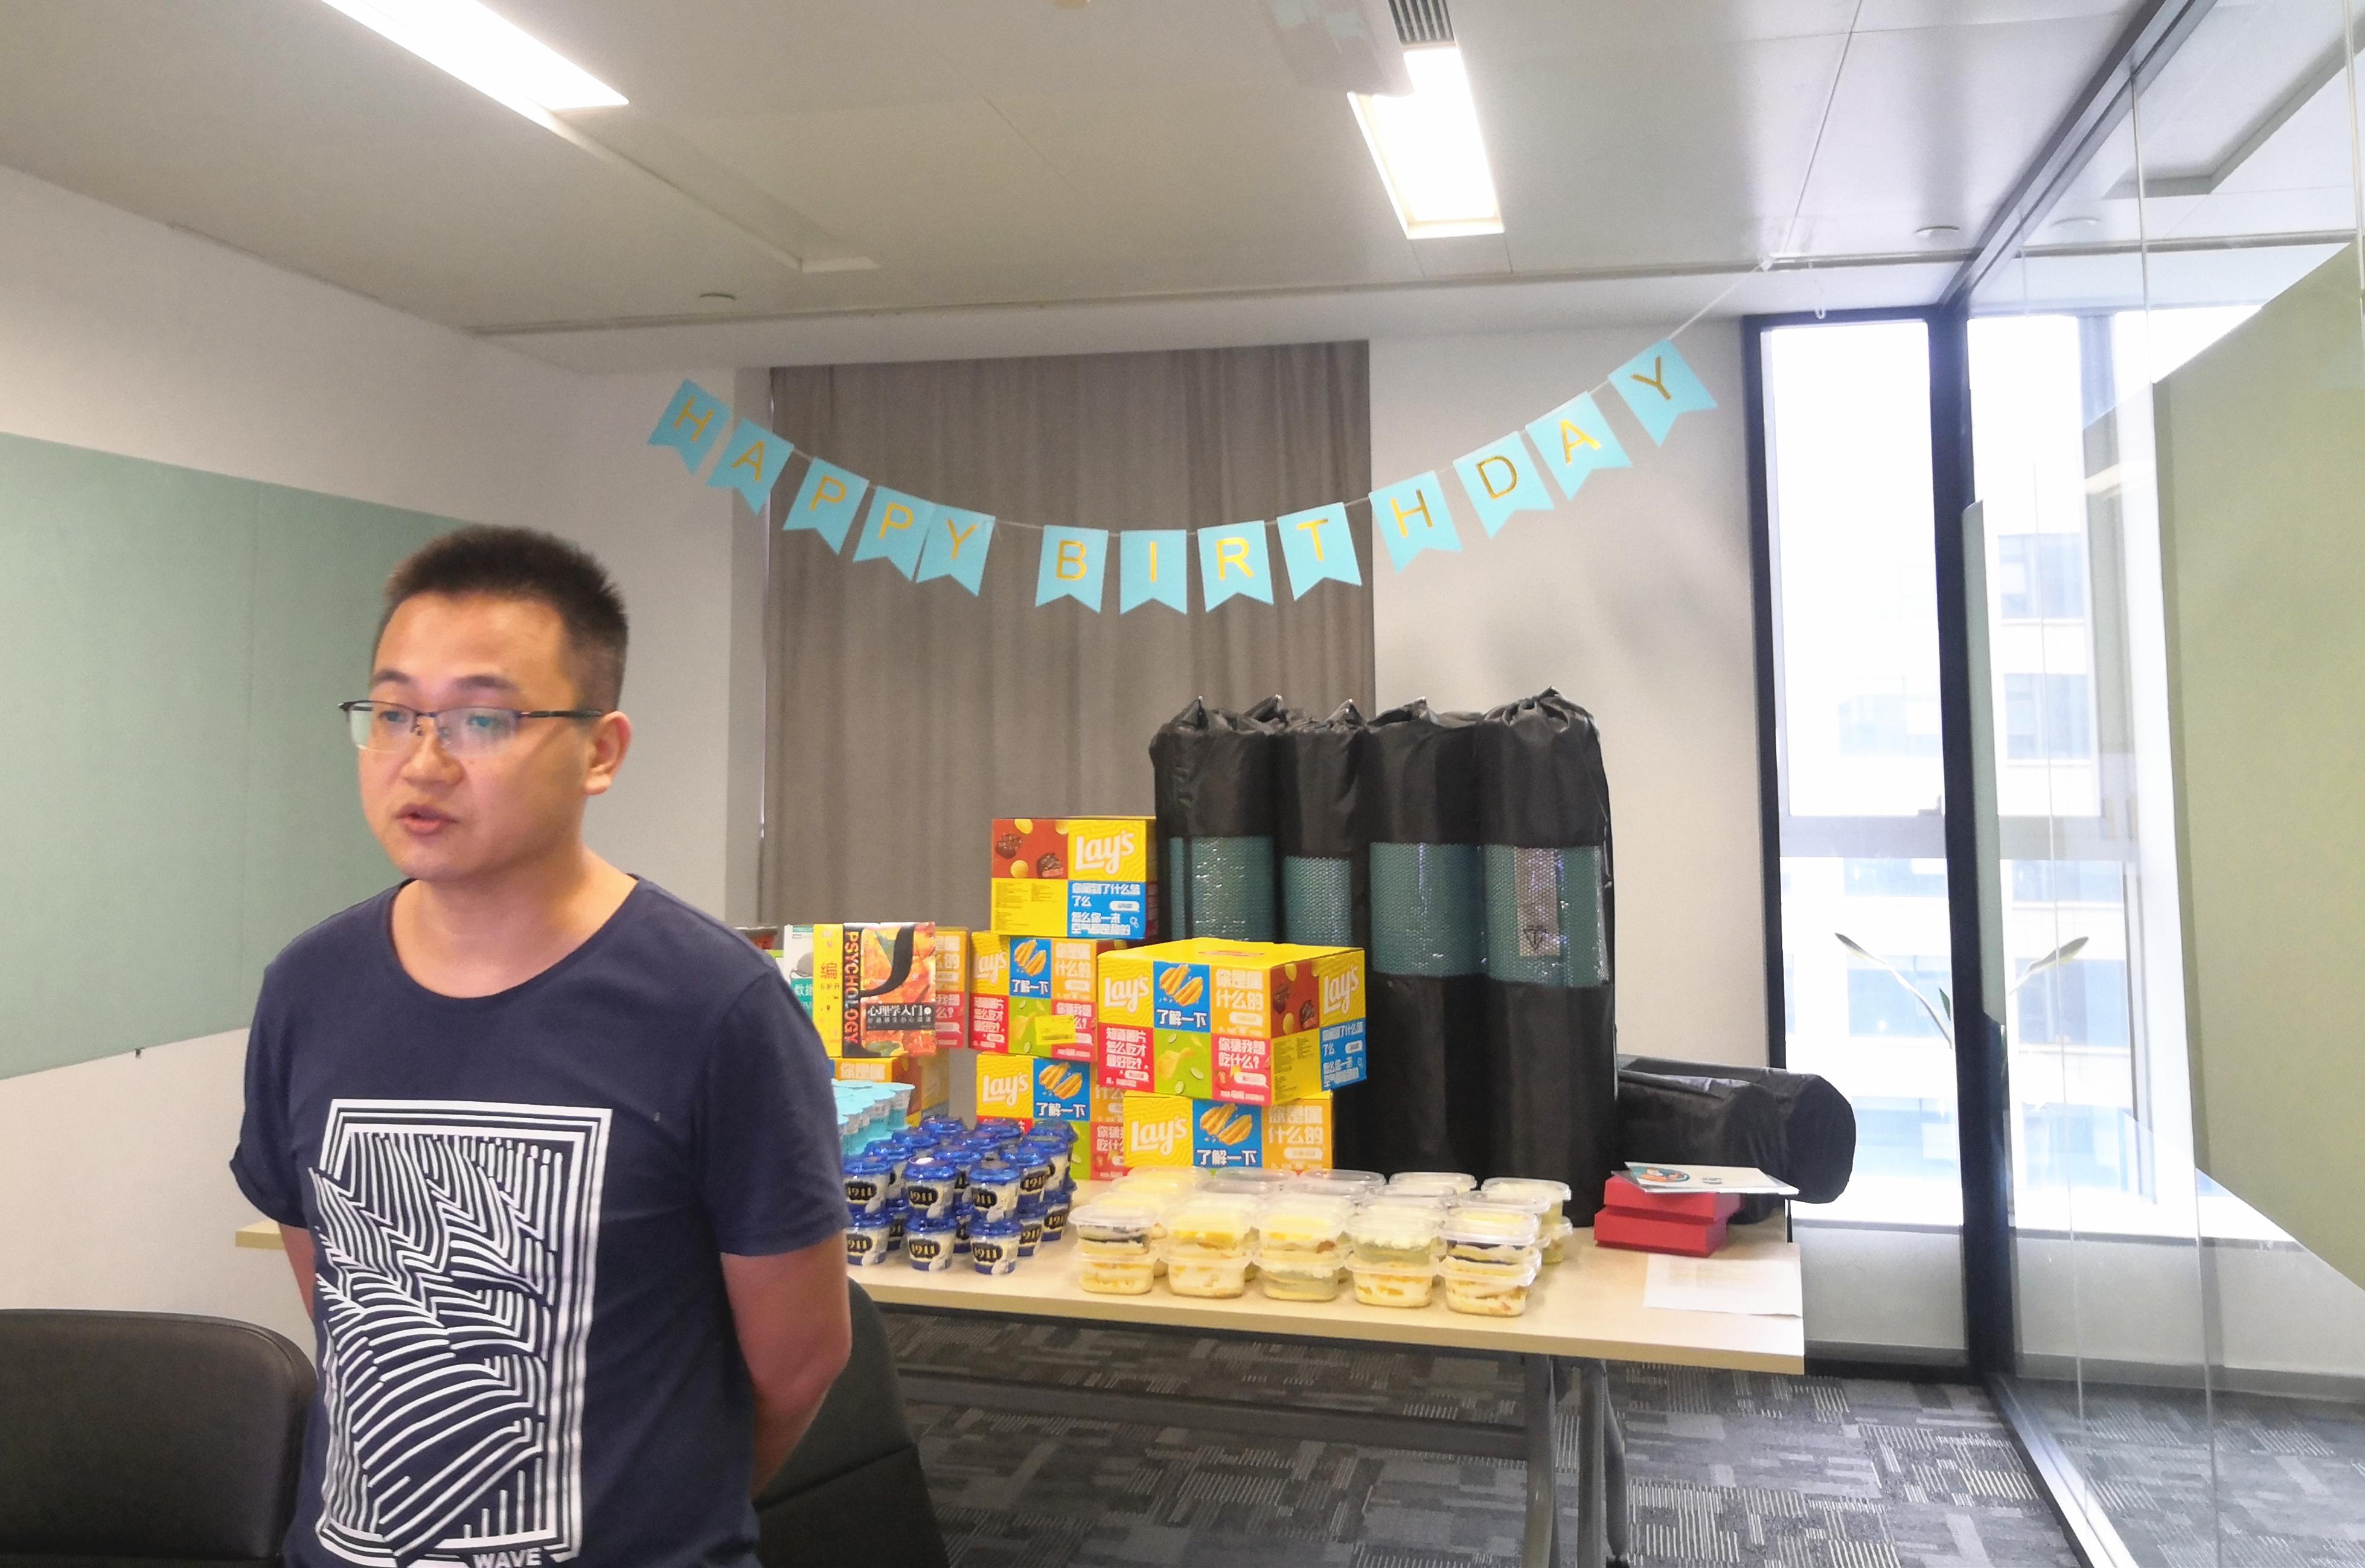 CI&T China employee speaking